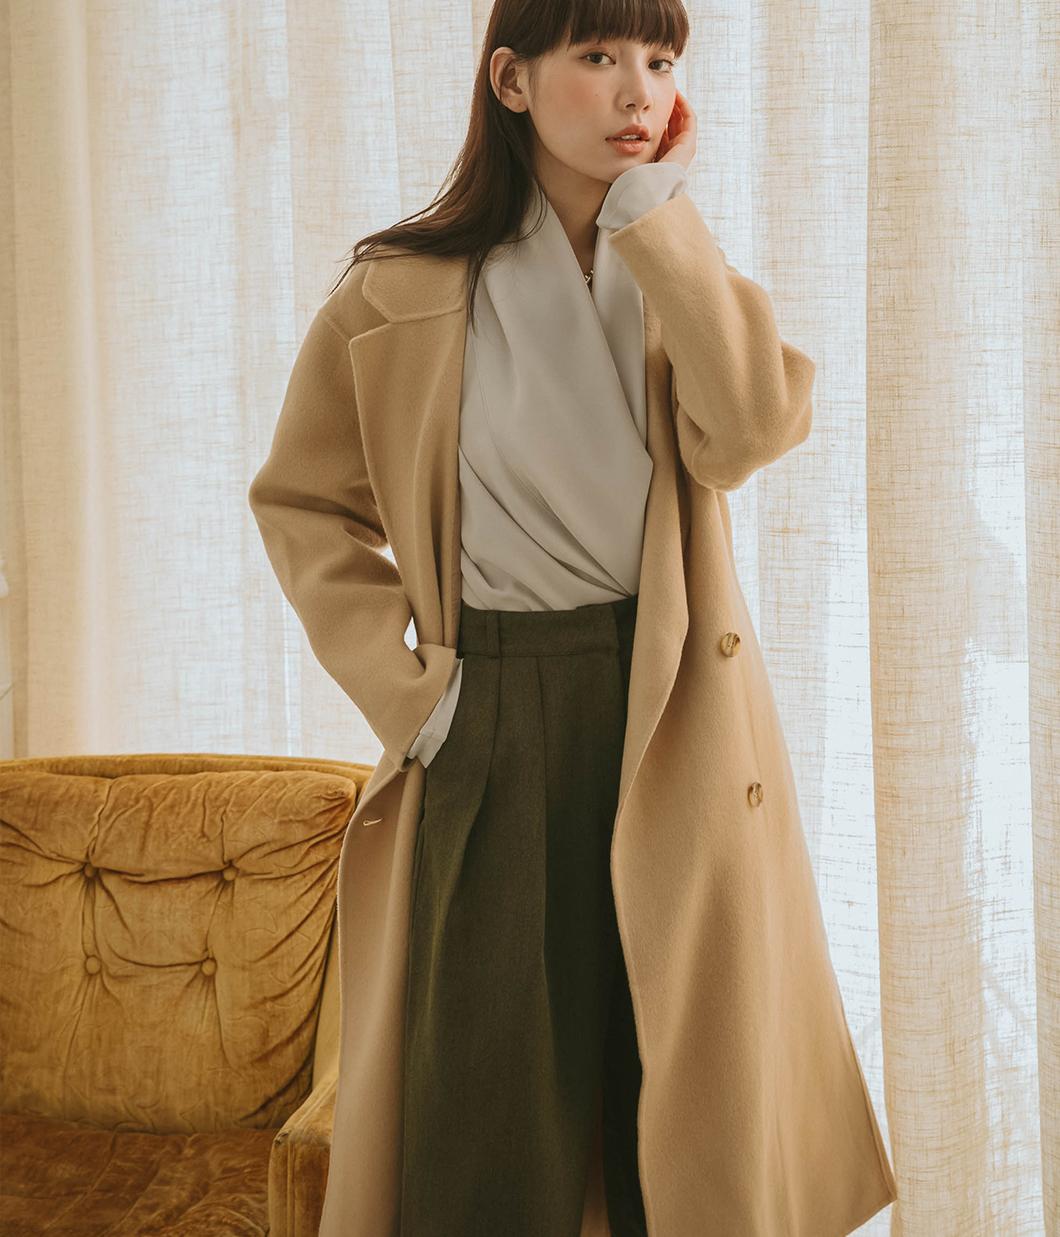 48.優雅側邊雙釦90%羊毛大衣(附綁帶)